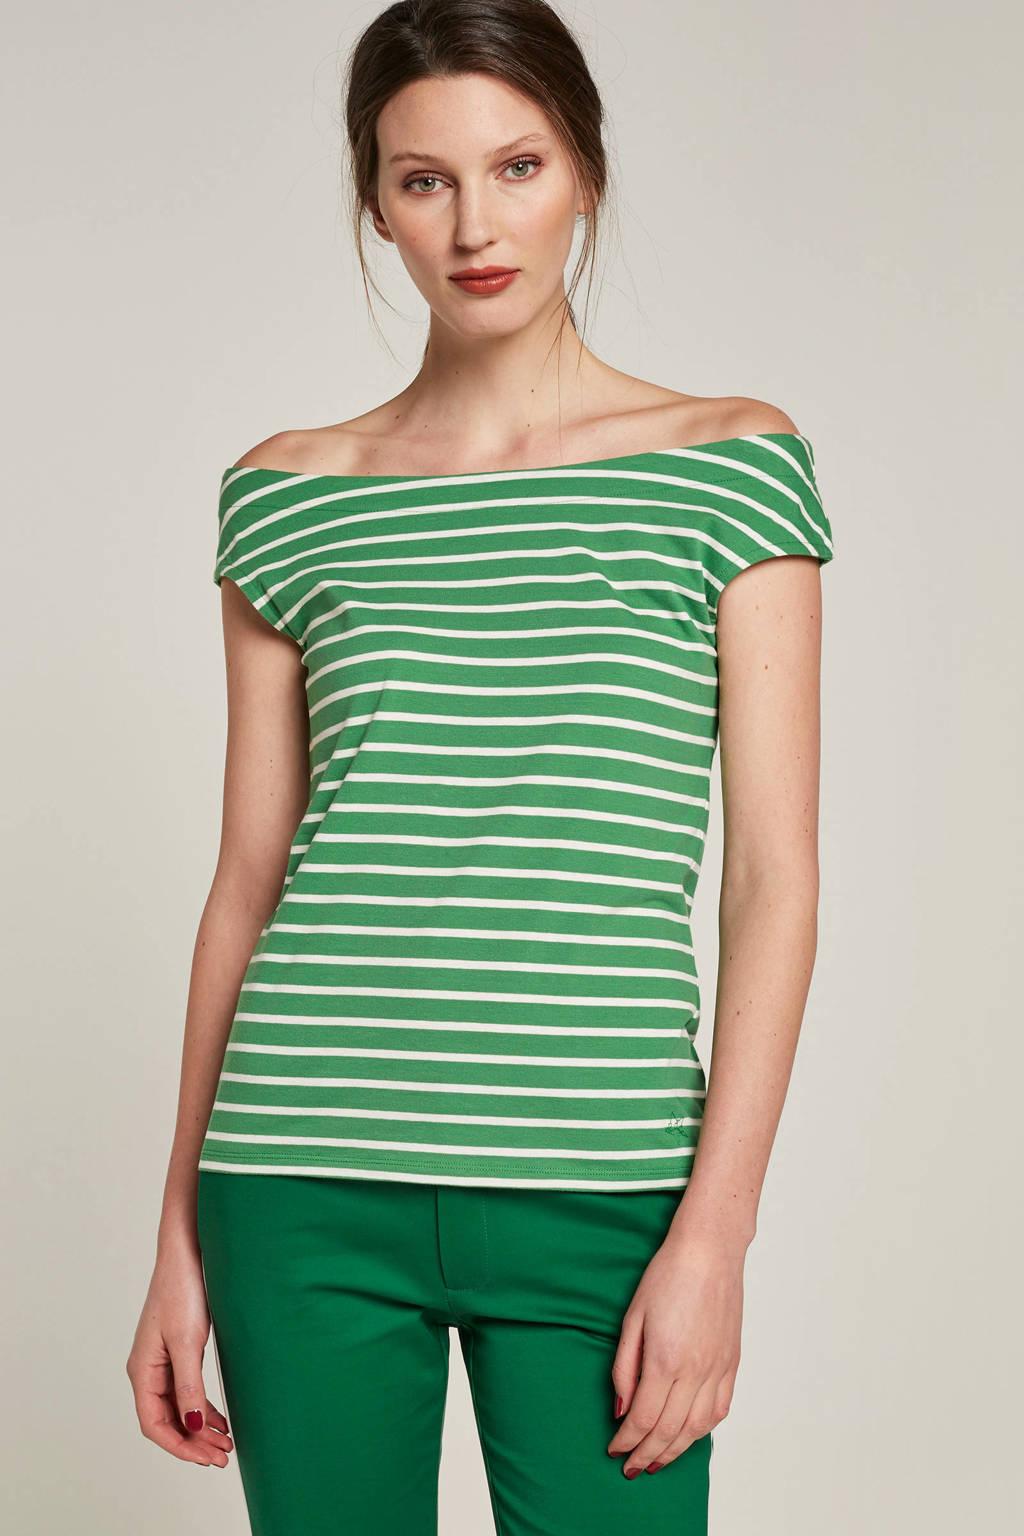 edc Women gestreepte off shoulder top groen, Groen/wit